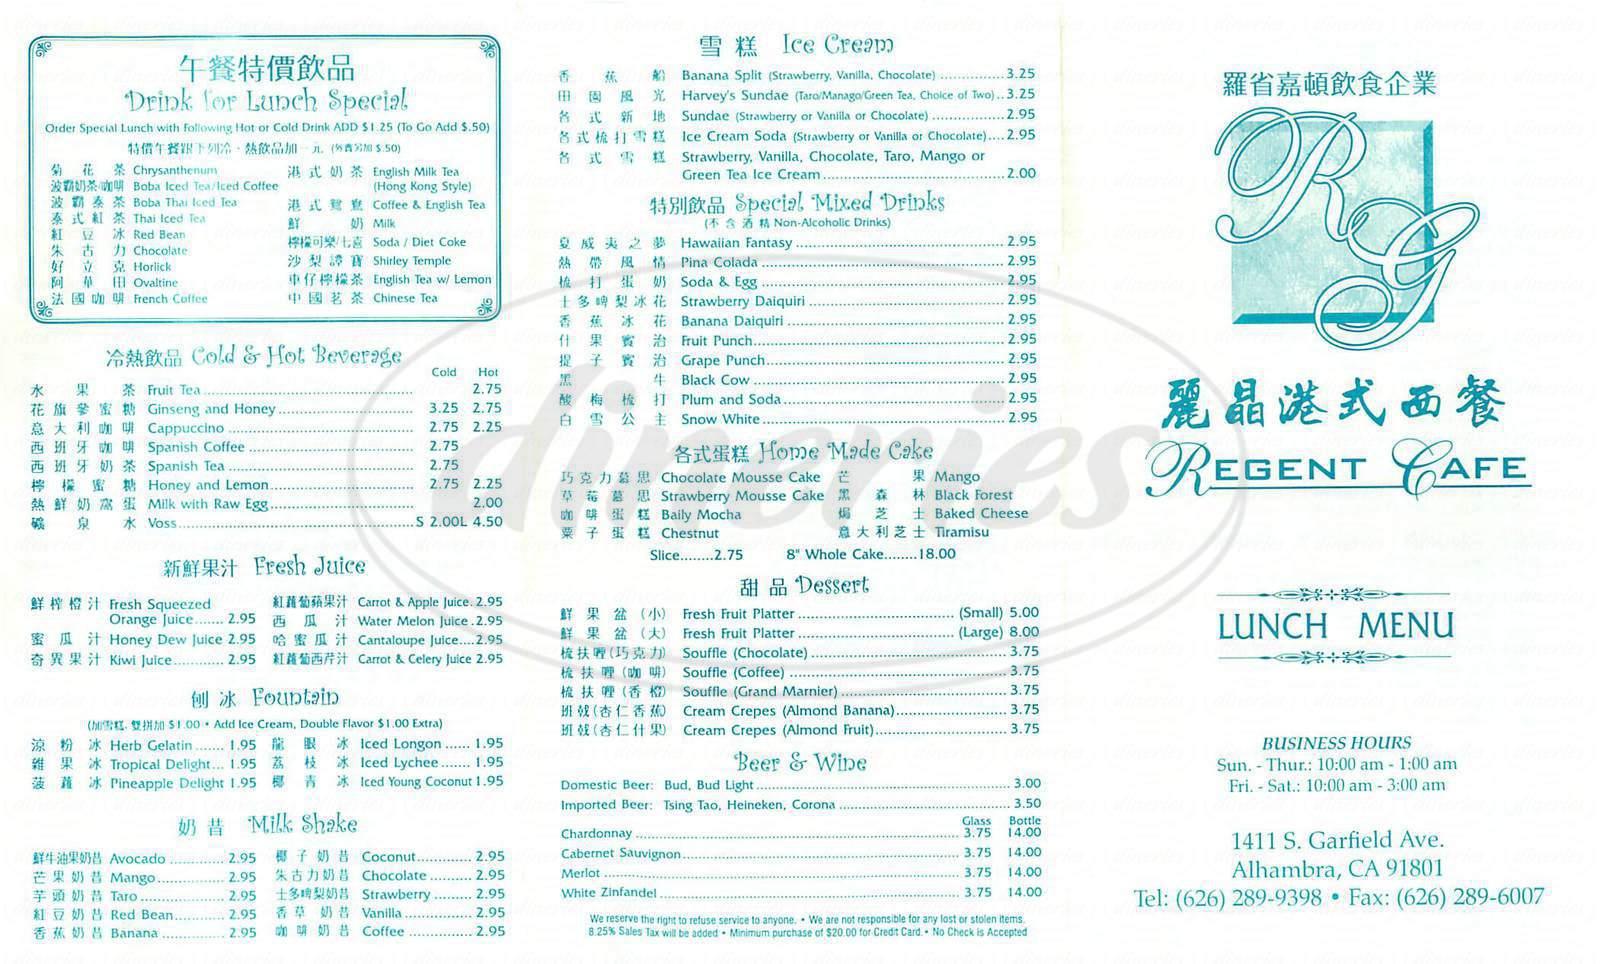 menu for Regent Cafe